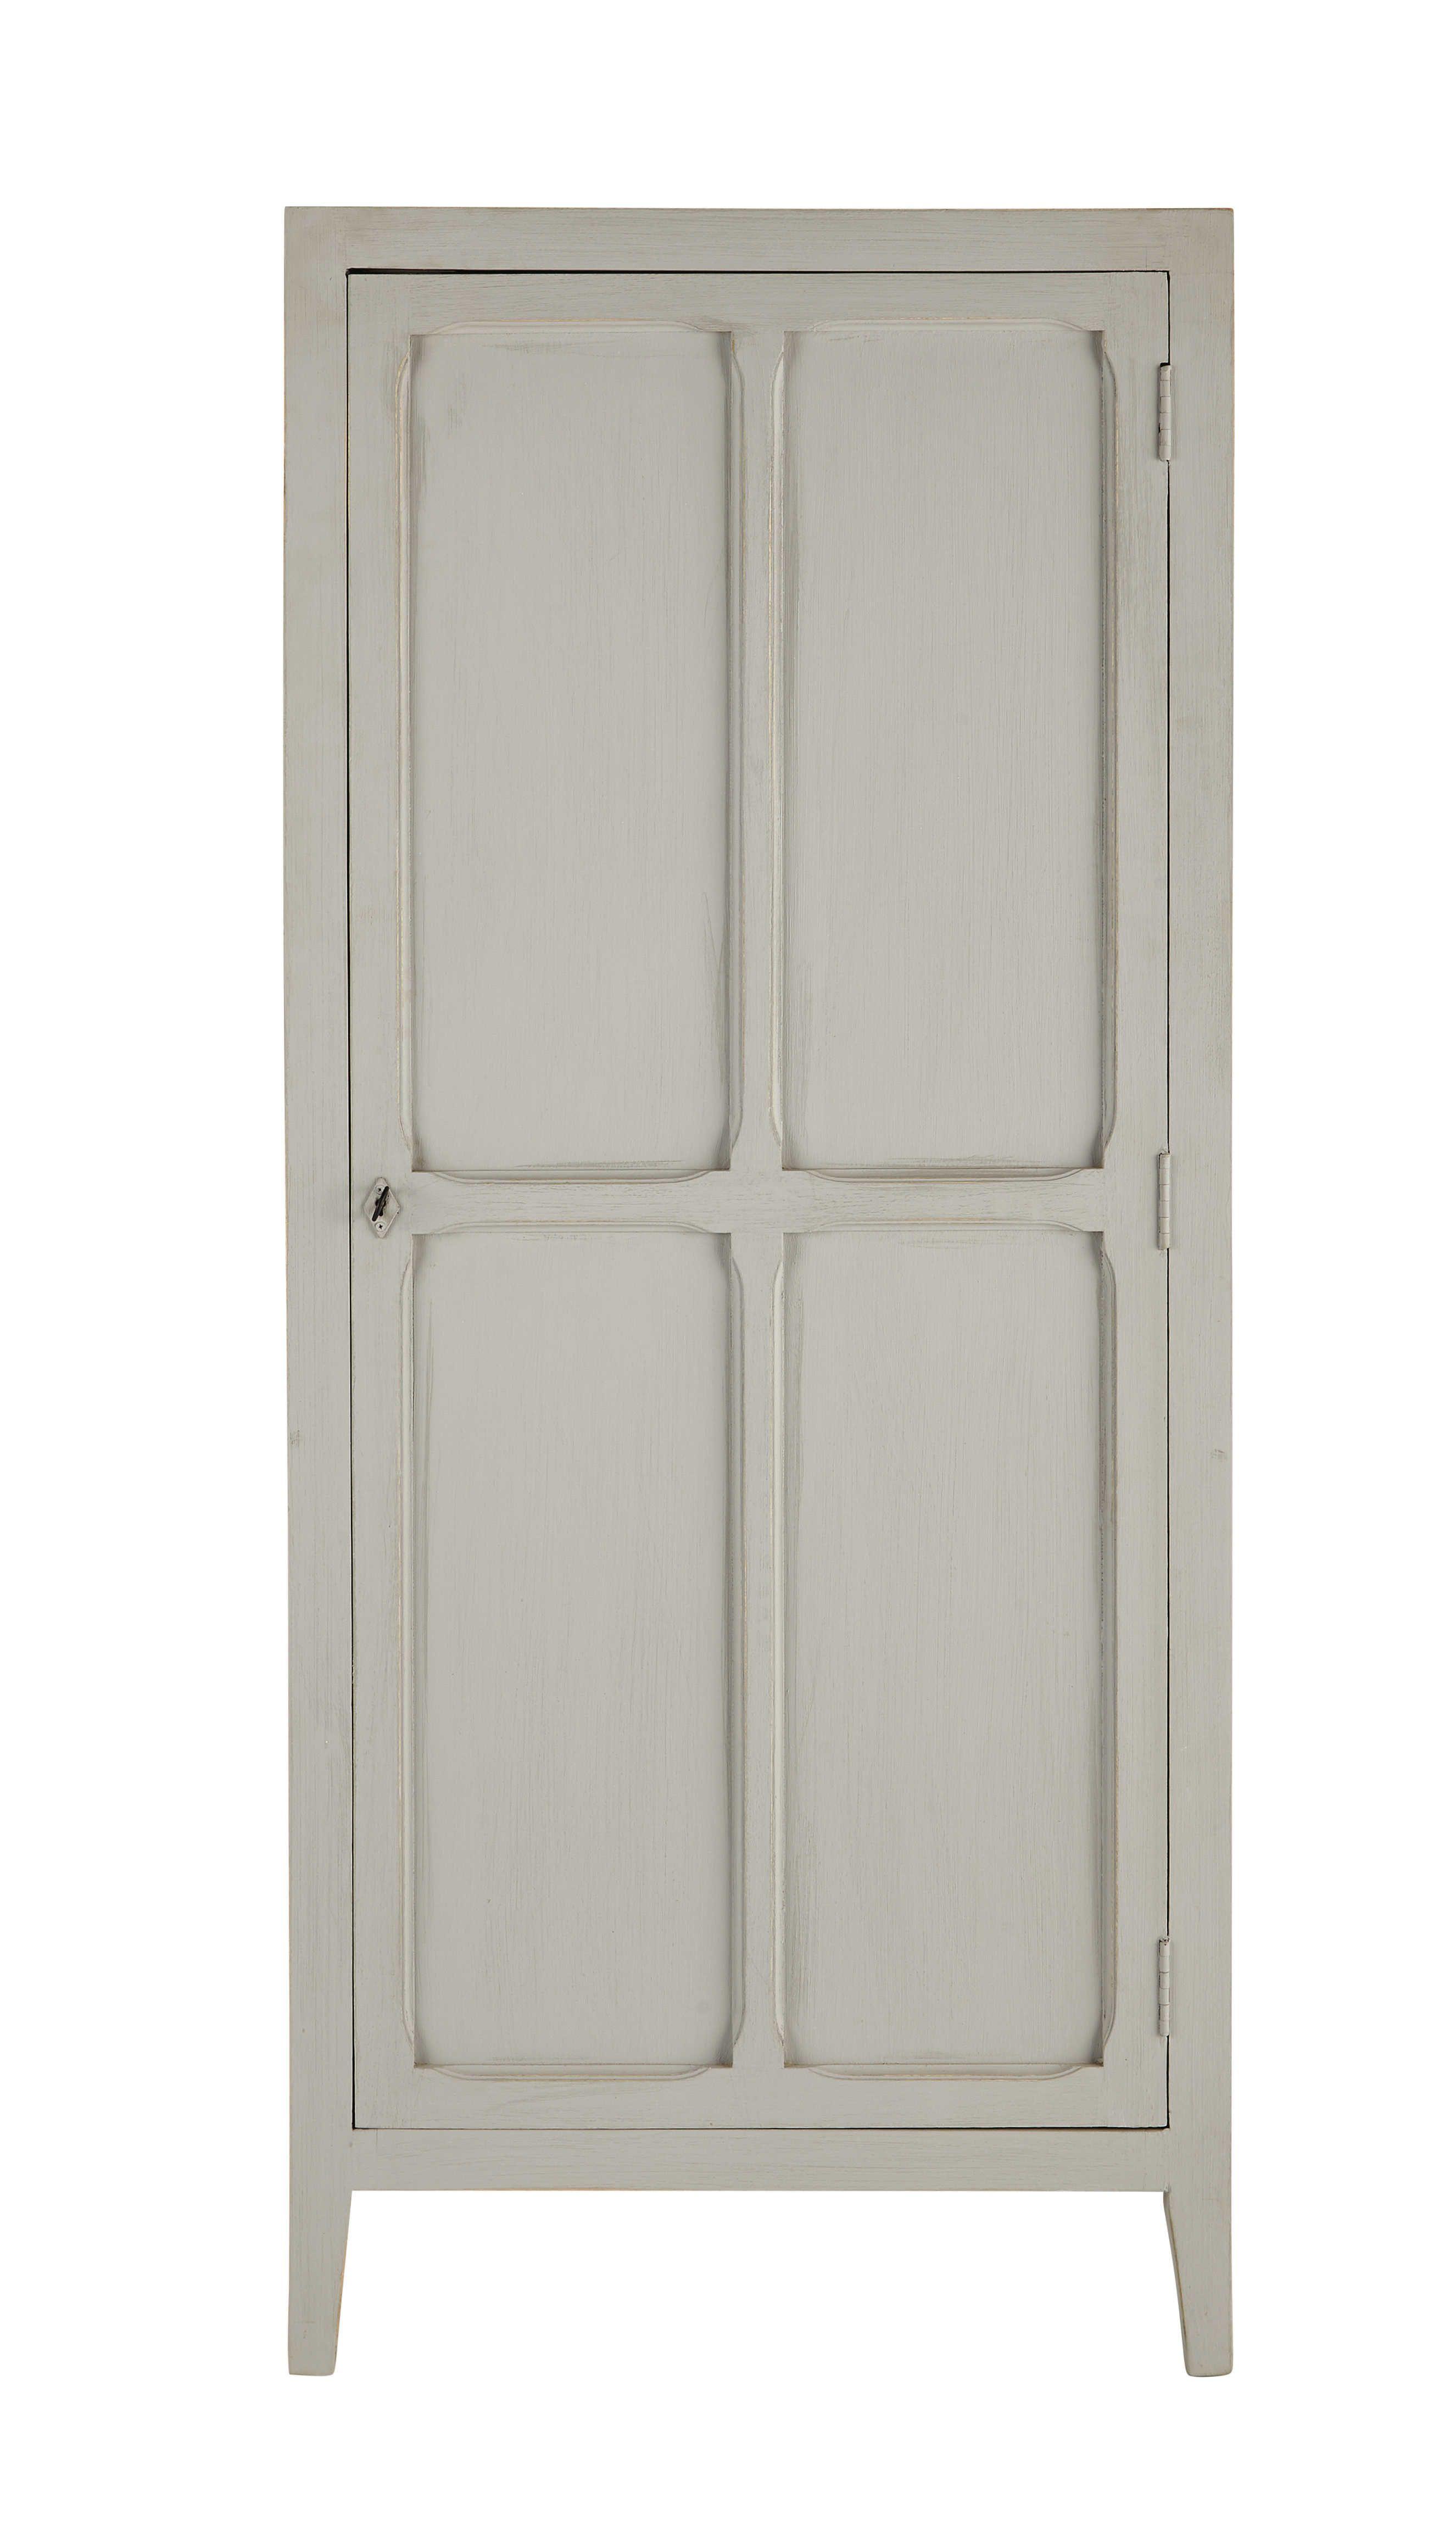 Schrank aus Mangoholz, B 75 cm, grau | Schränkchen, Grau und ...